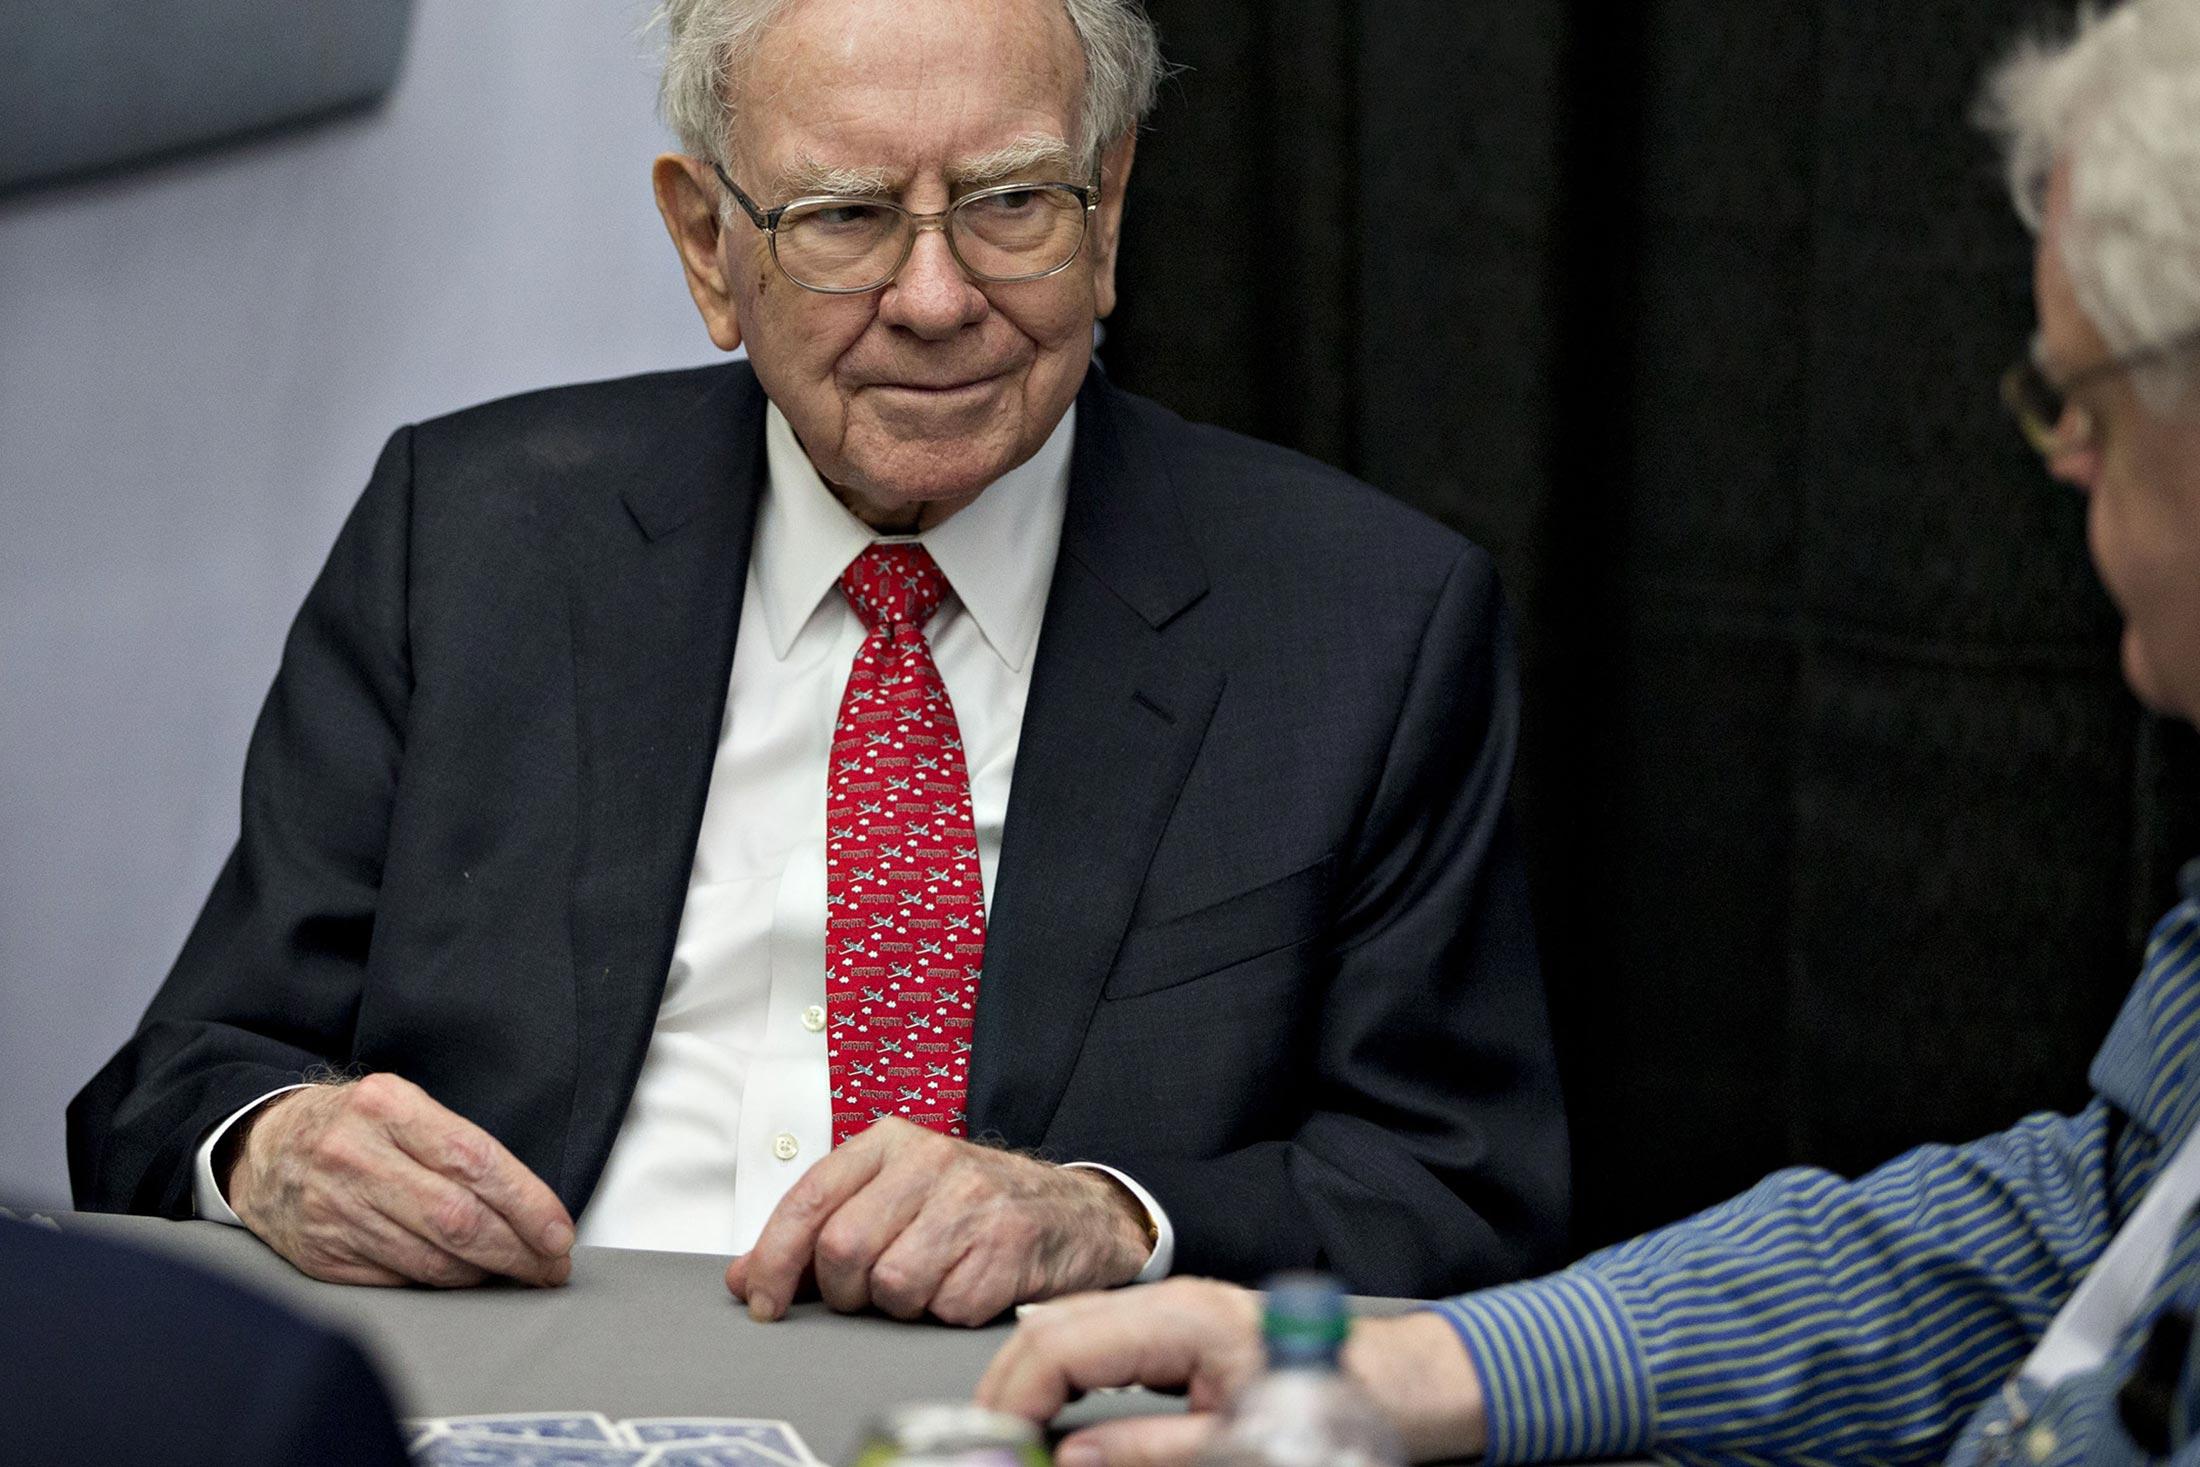 Buffett Buys $1.8 Billion 'Gem' of a Medical Insurer in New York - Bloomberg